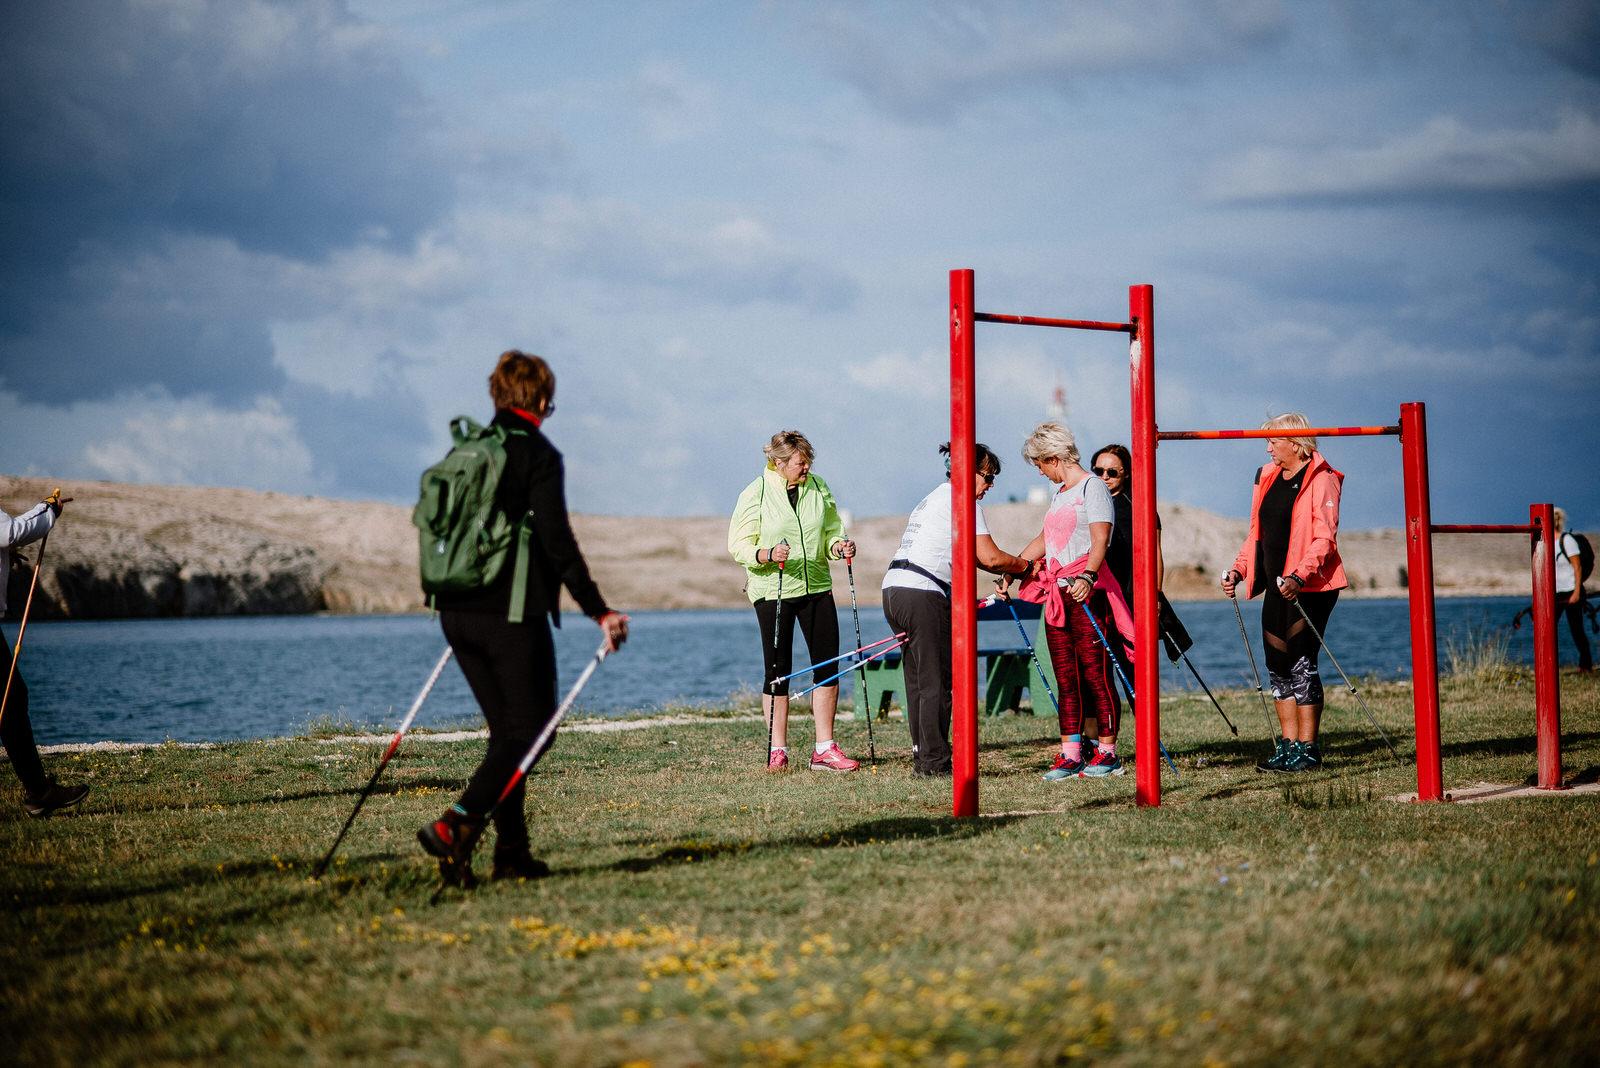 likaclub_nordijsko-hodanje-mjesečevim-otokom_pag-2019-5